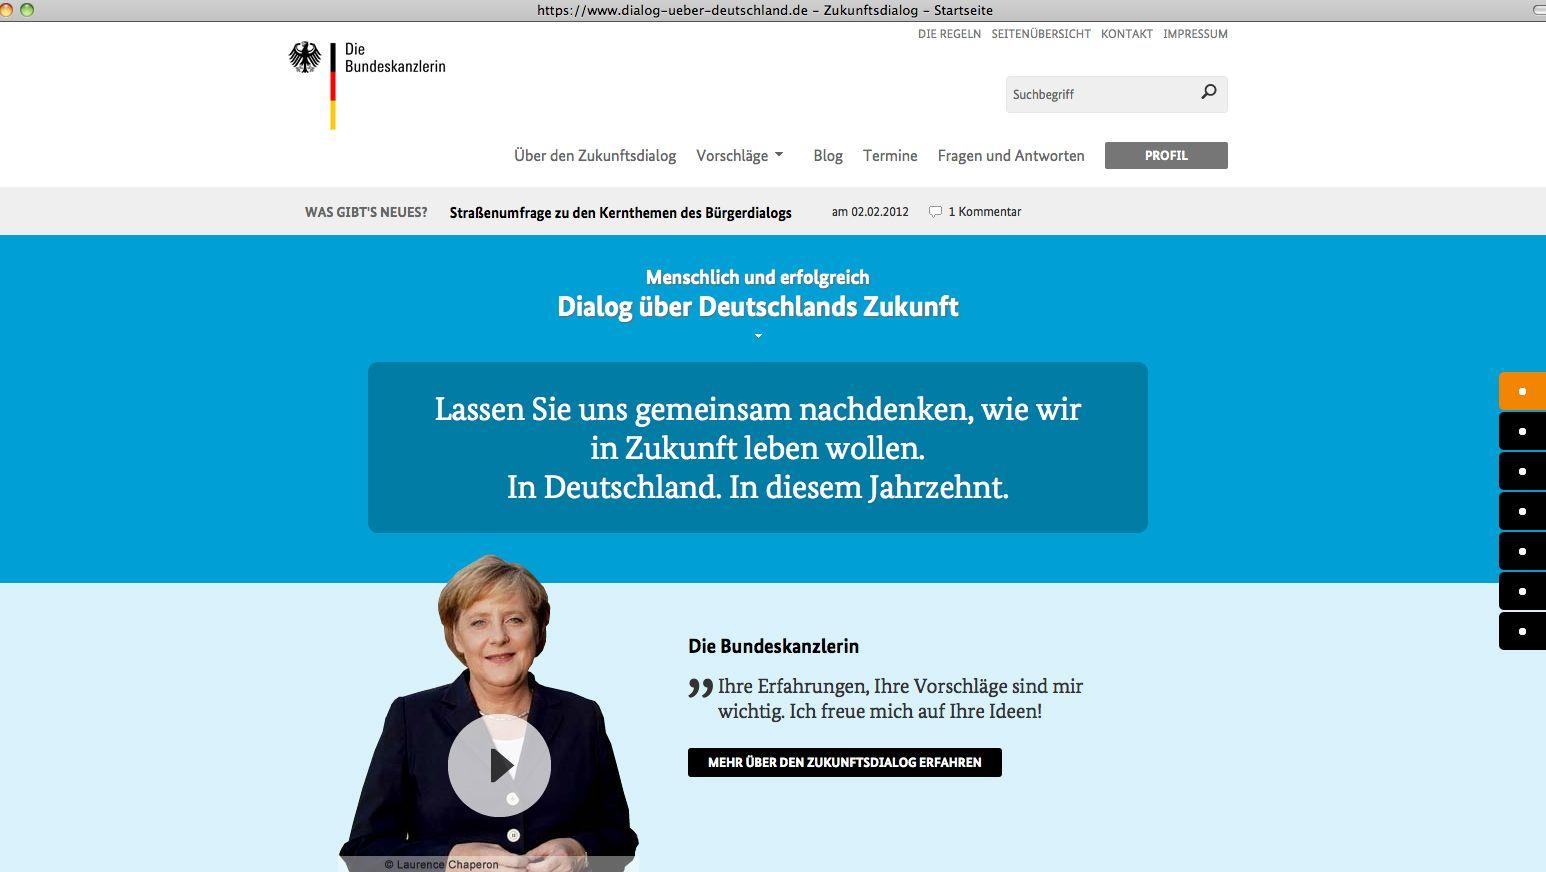 NUR ALS ZITAT Screenshot/ Dialog Über Deutschland